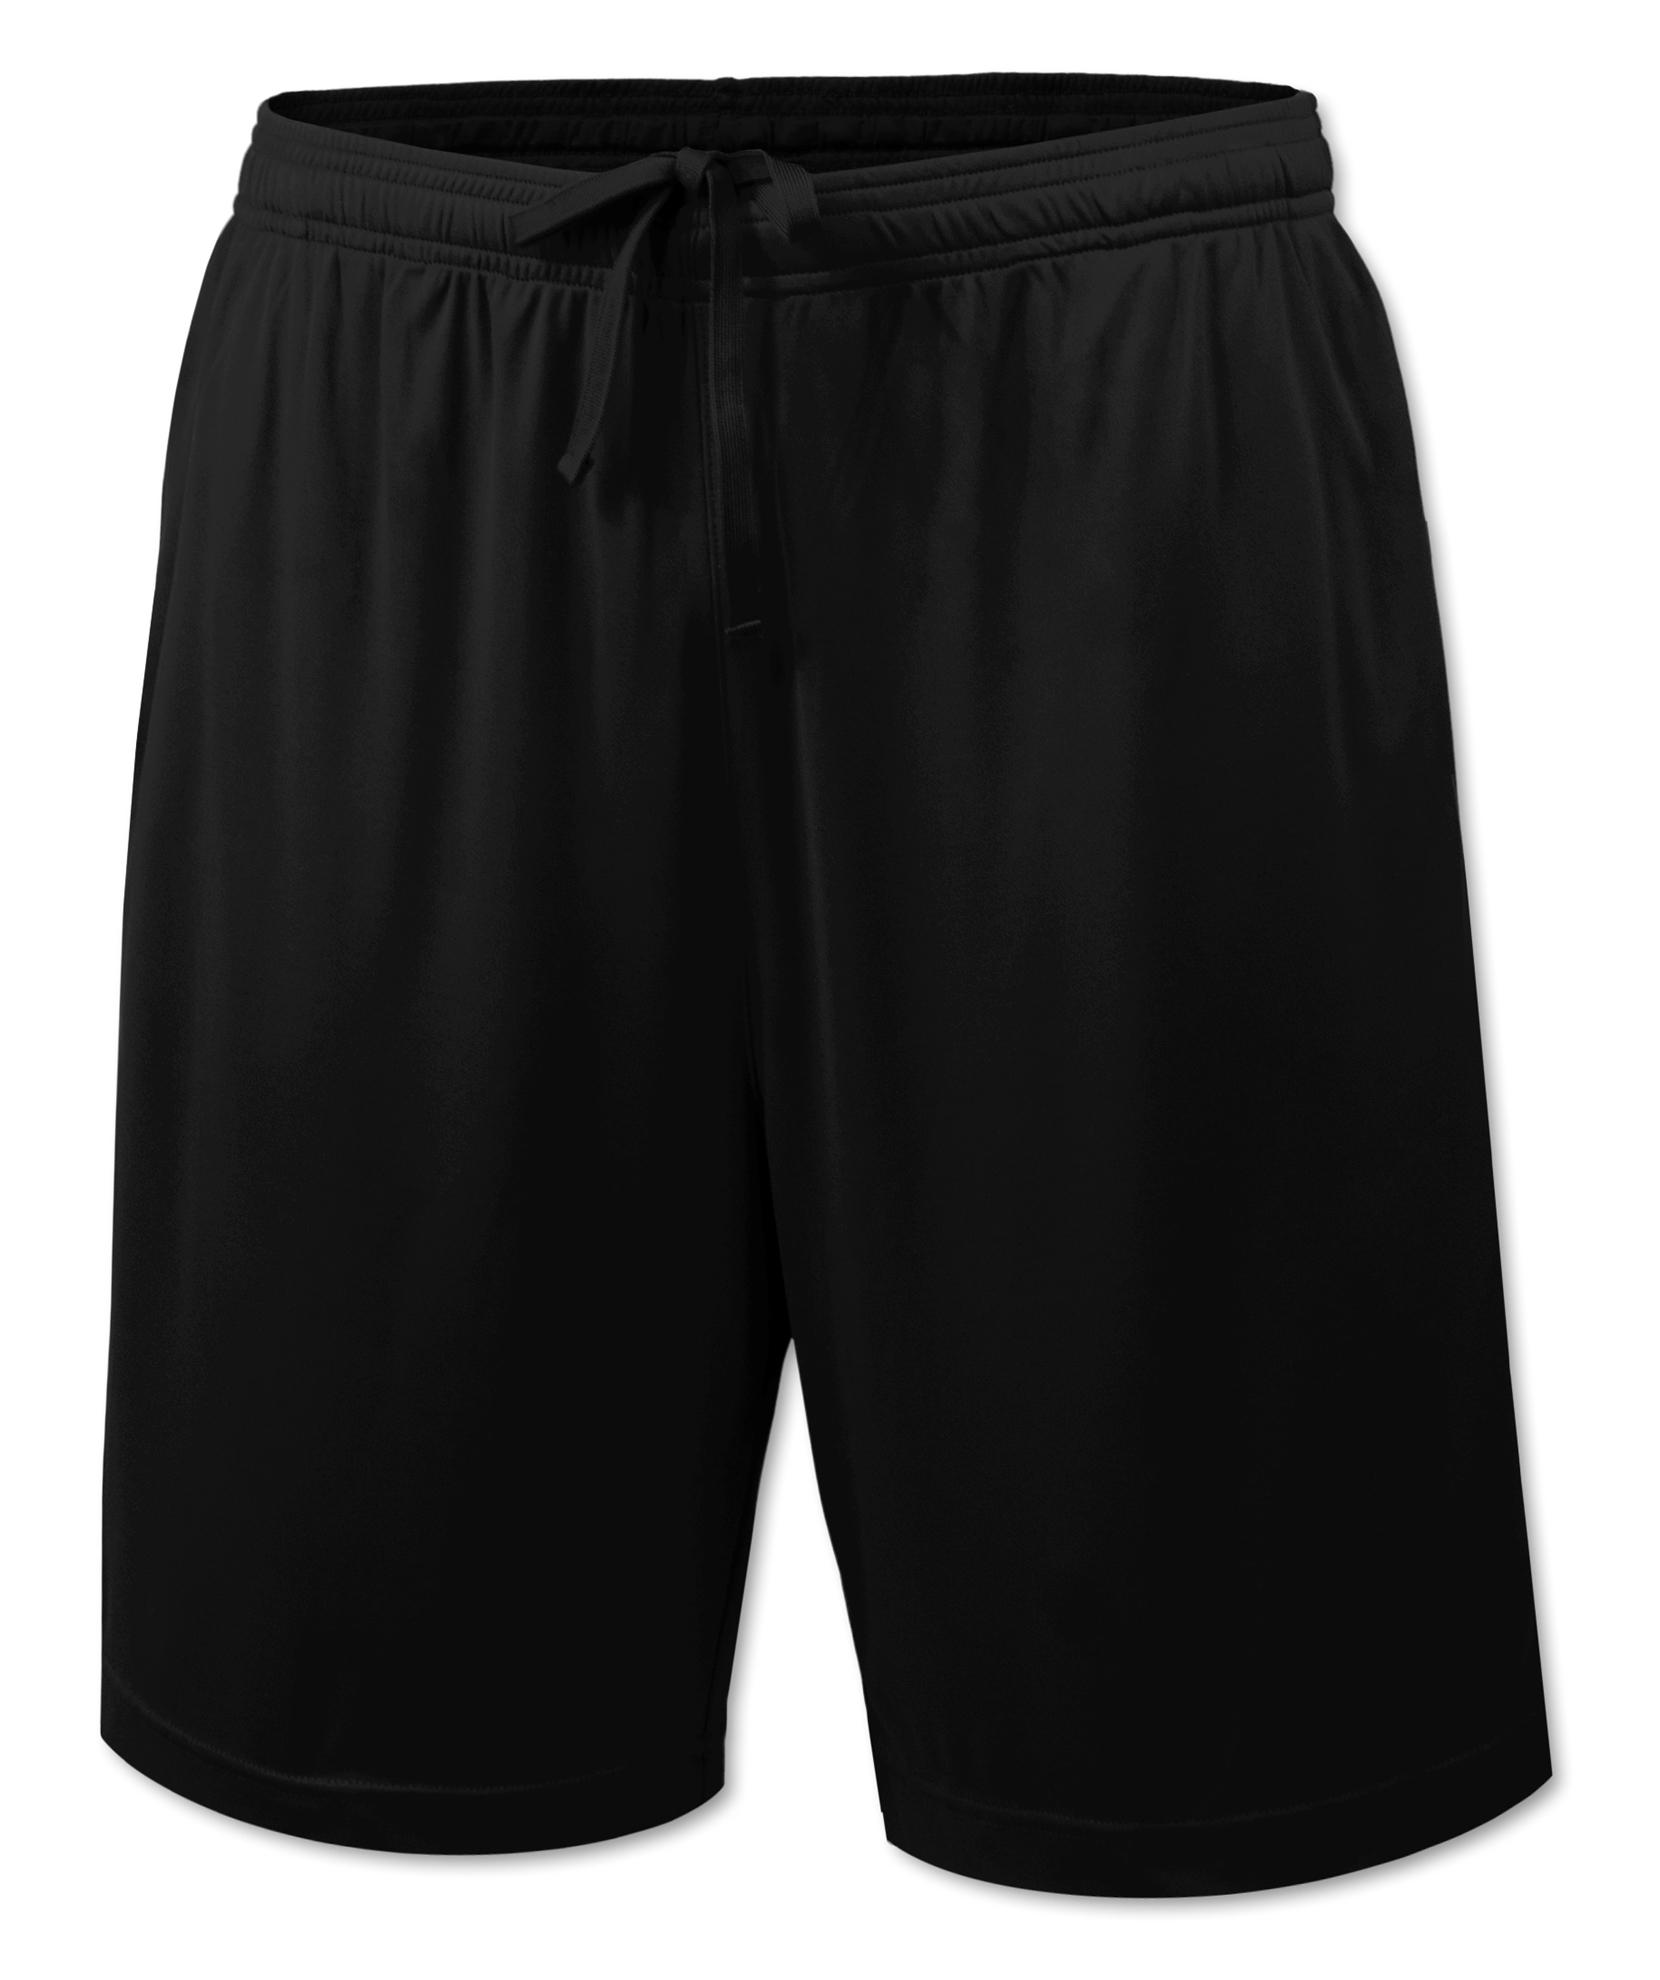 BAW Athletic Wear S707Y/S707HY - Youth XT 2 Pocket Short